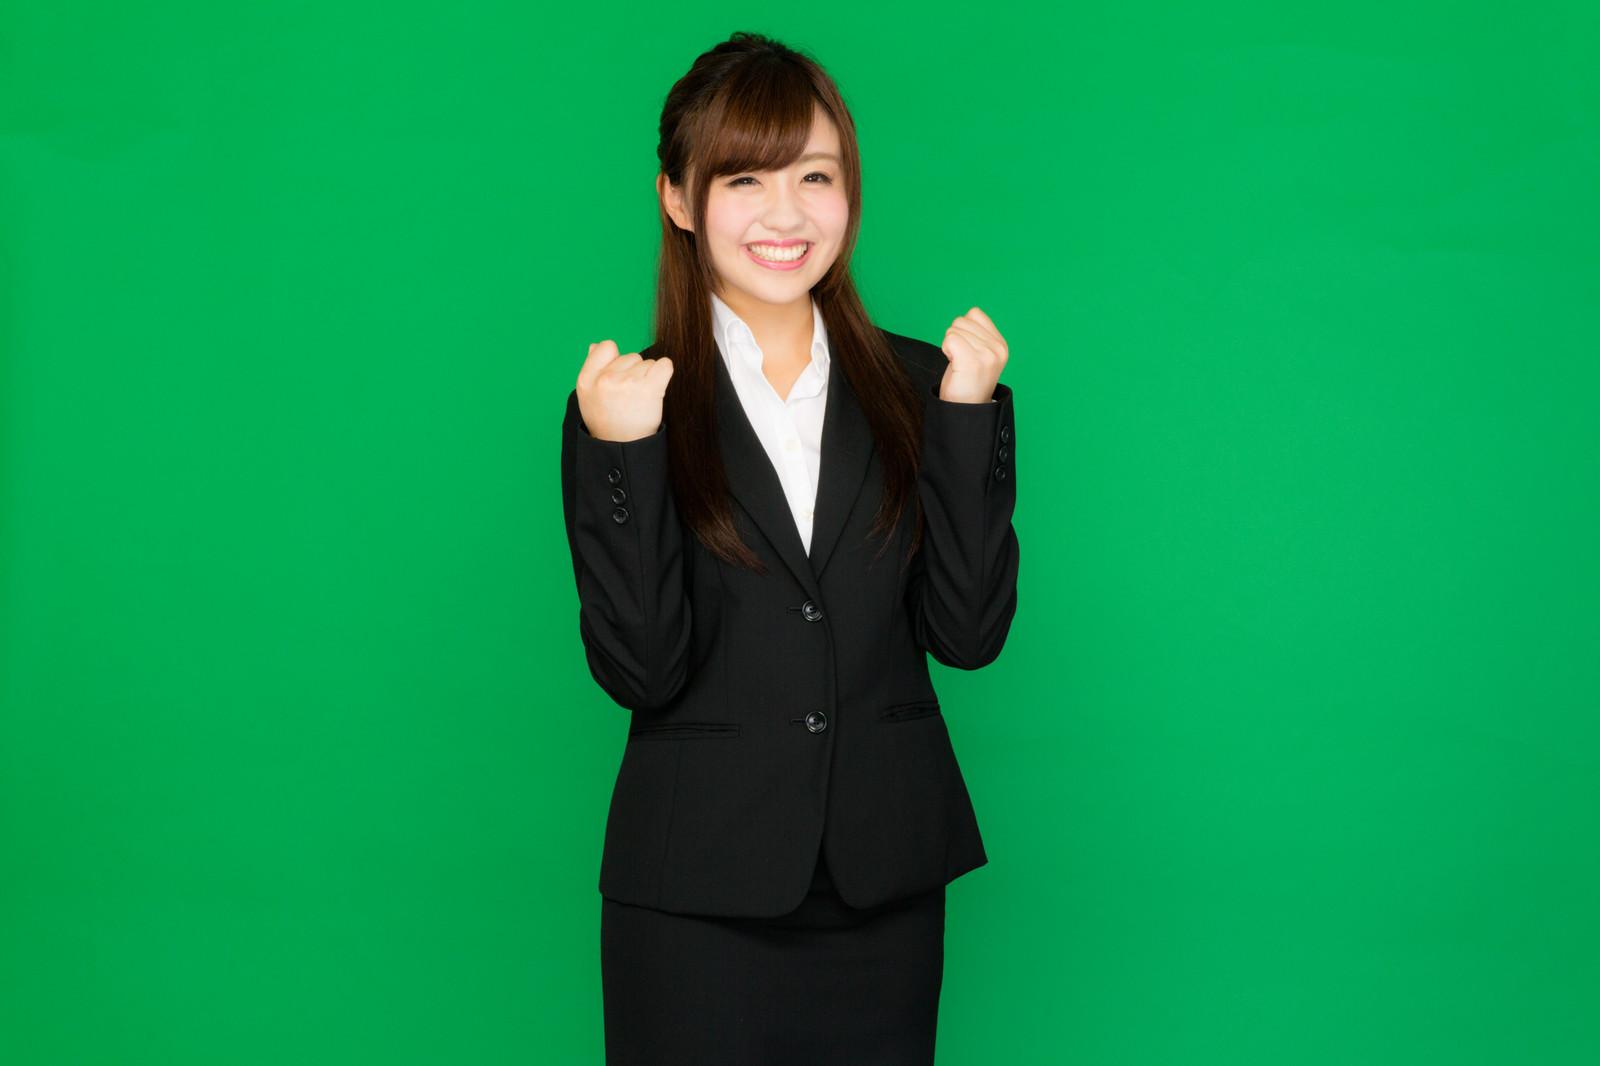 評価される部下になる③ 人のやらない仕事を率先して引き受けることで評価を高める